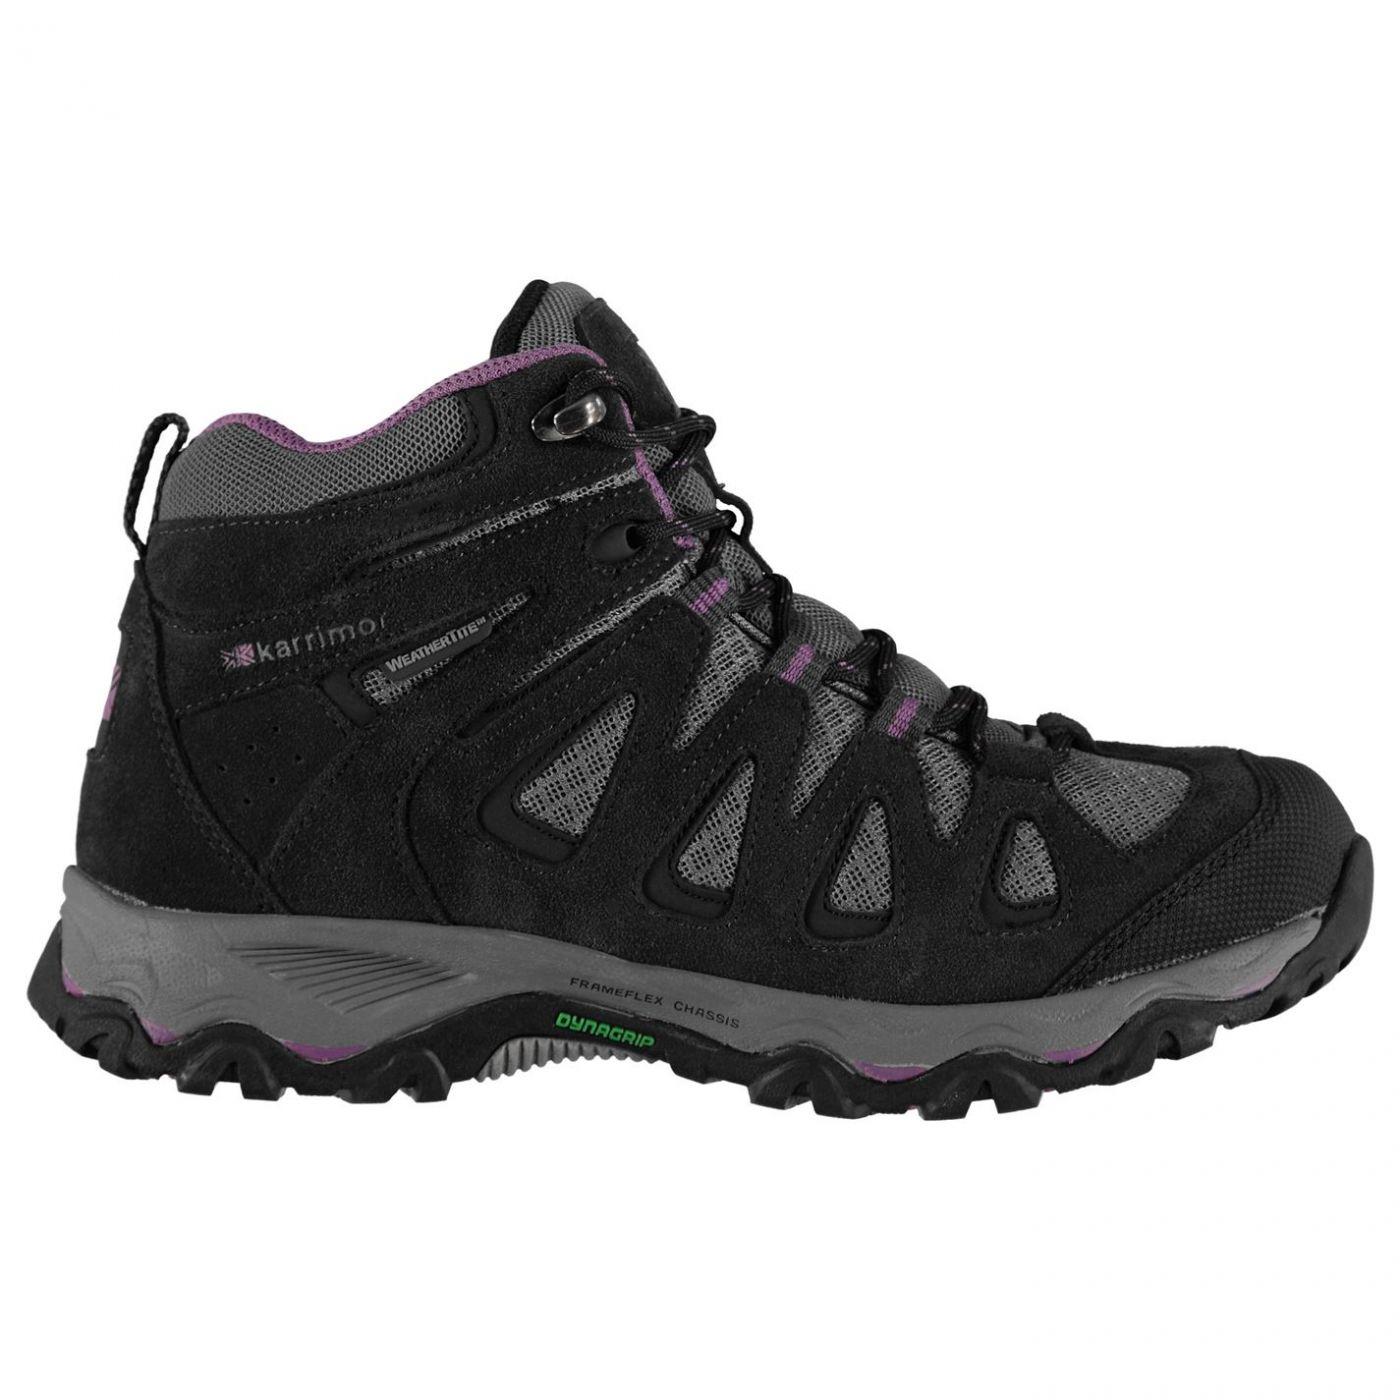 Karrimor Thorpe Mid Ladies Walking Boots